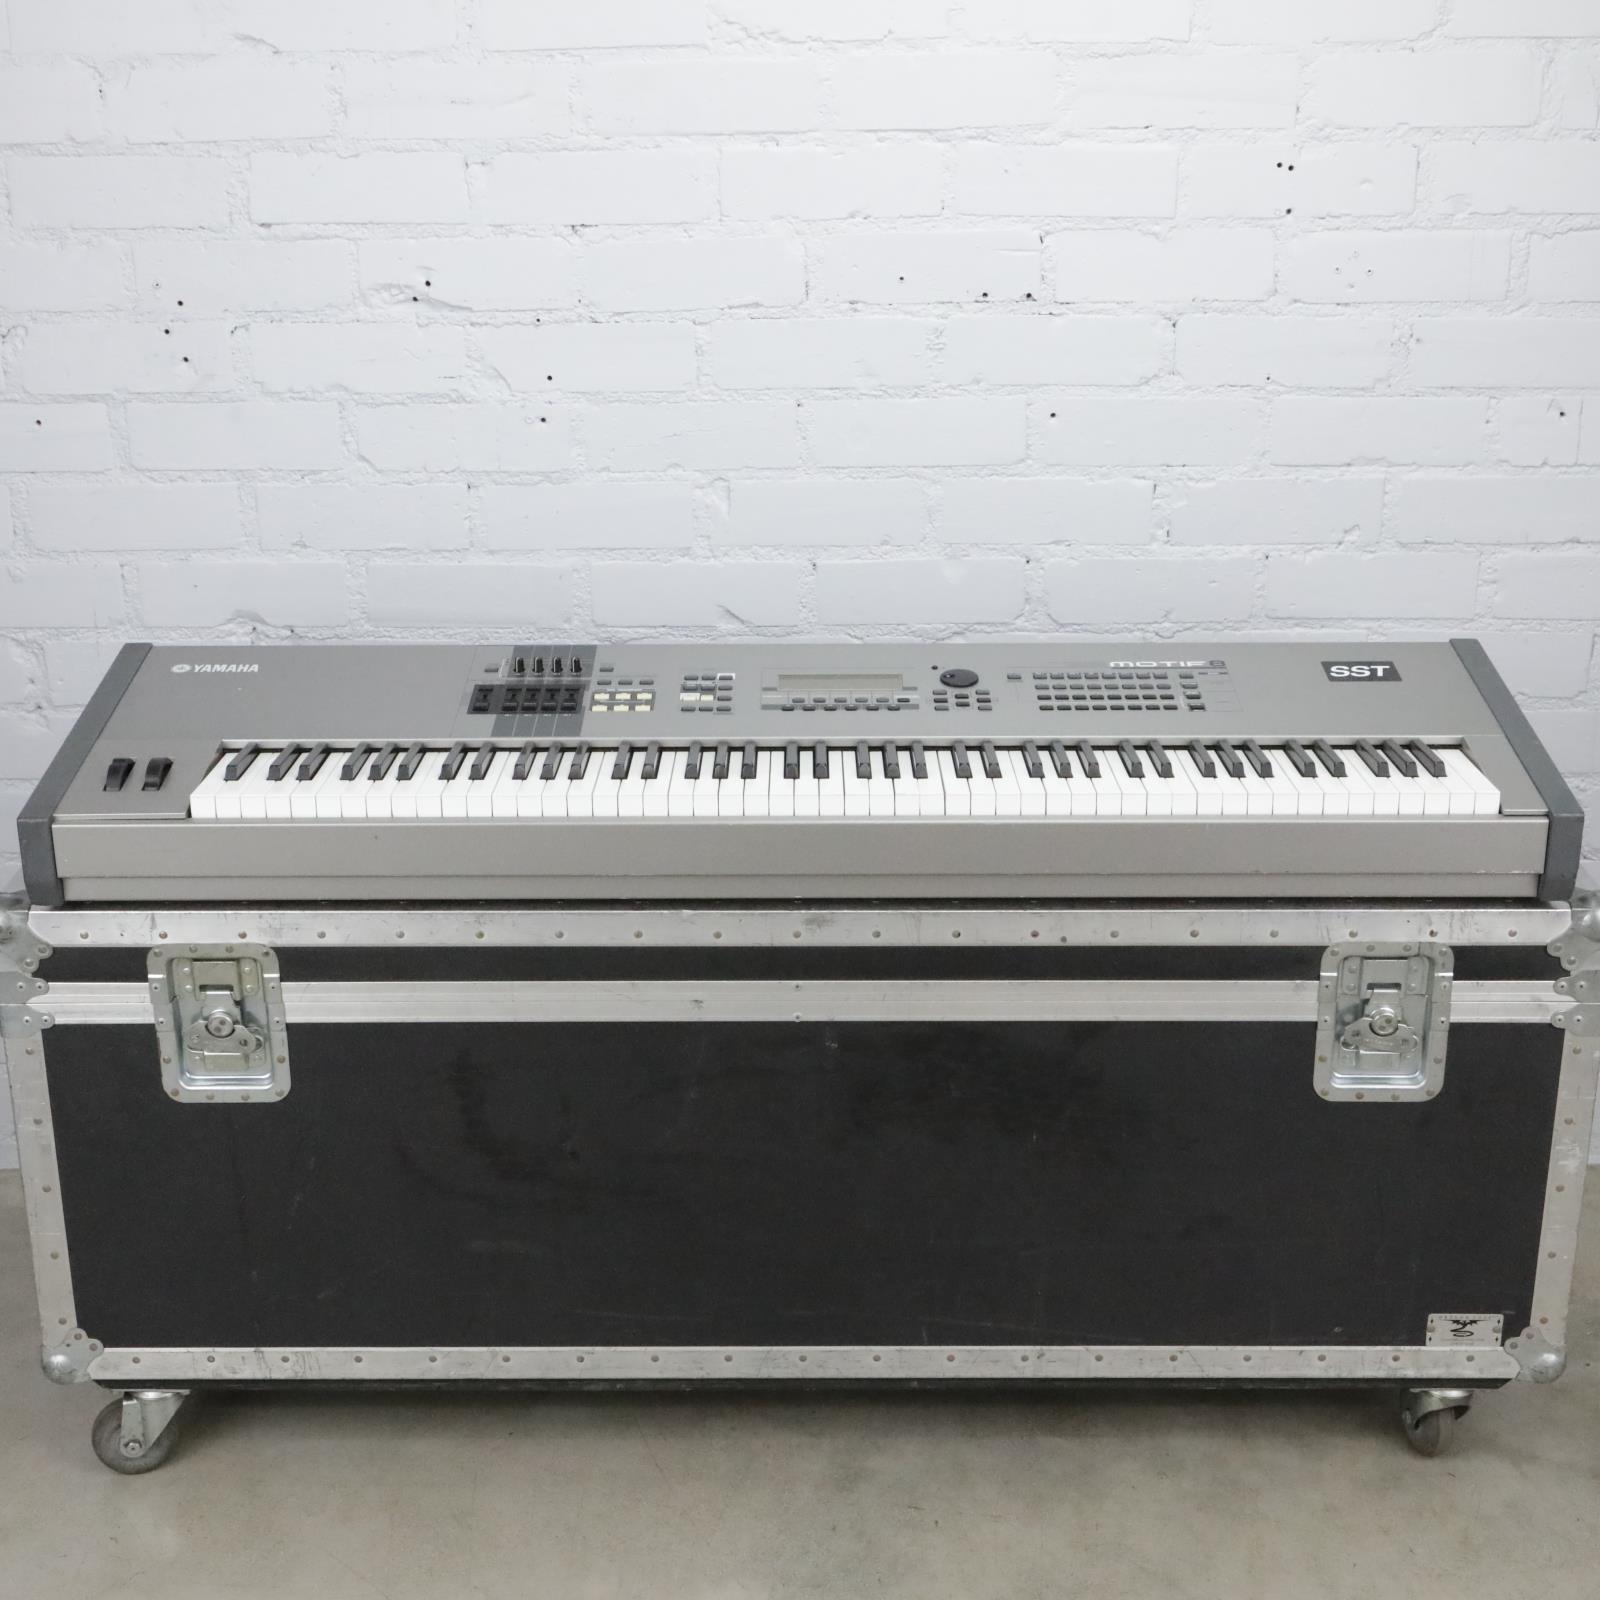 Yamaha Motif 8 88-Key Synthesizer Workstation Keyboard w/Tour Supply Case #40712